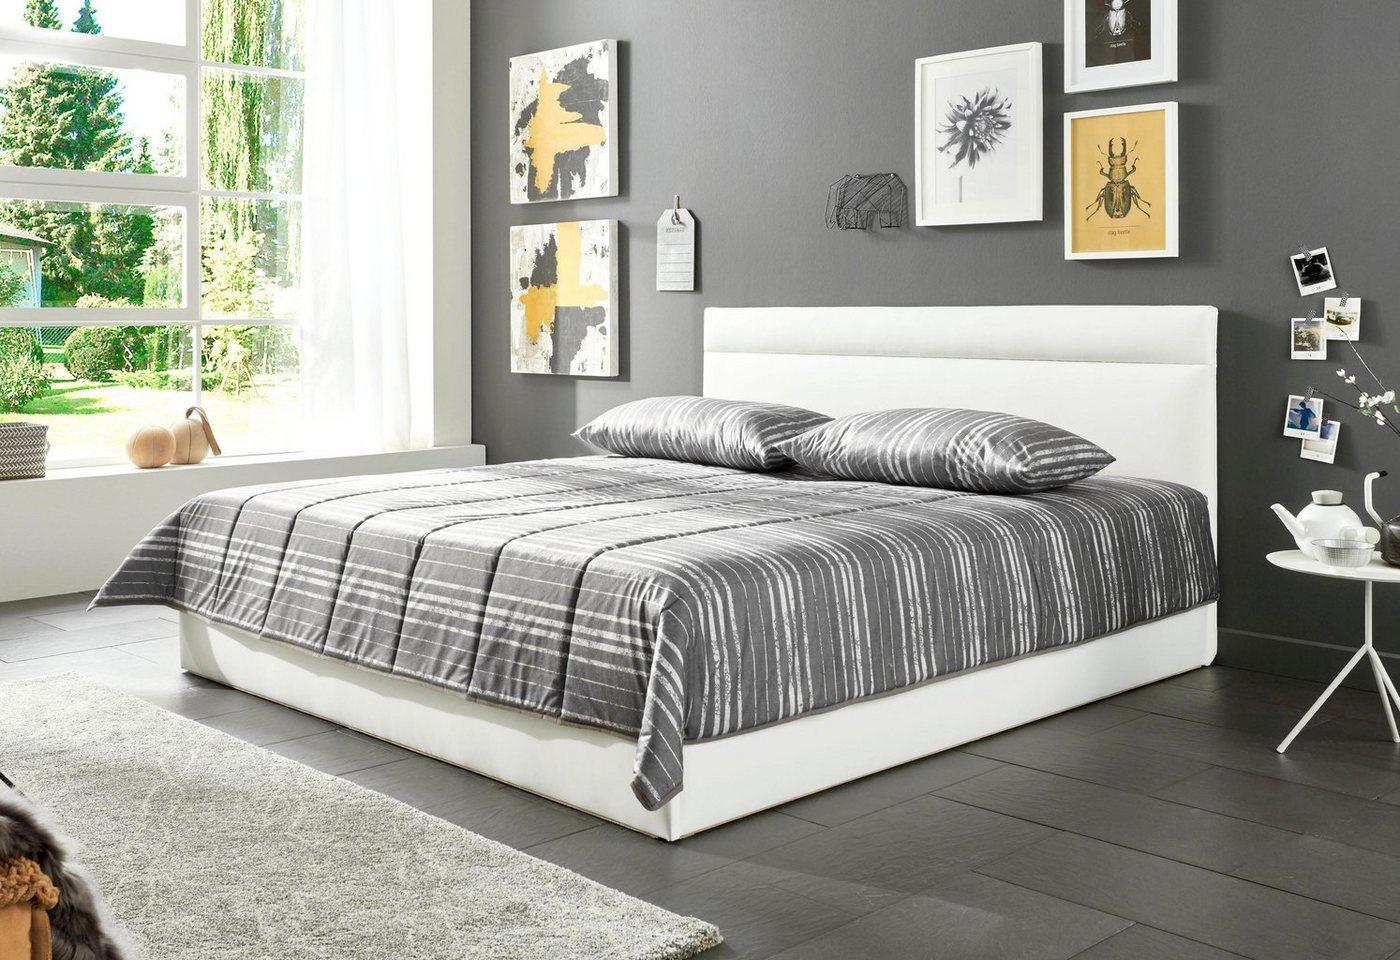 Westfalia Schlafkomfort Polsterbett In 2 Liegehohen Und Diversen Ausfuhrungen Wahlweise Mit Bettkasten